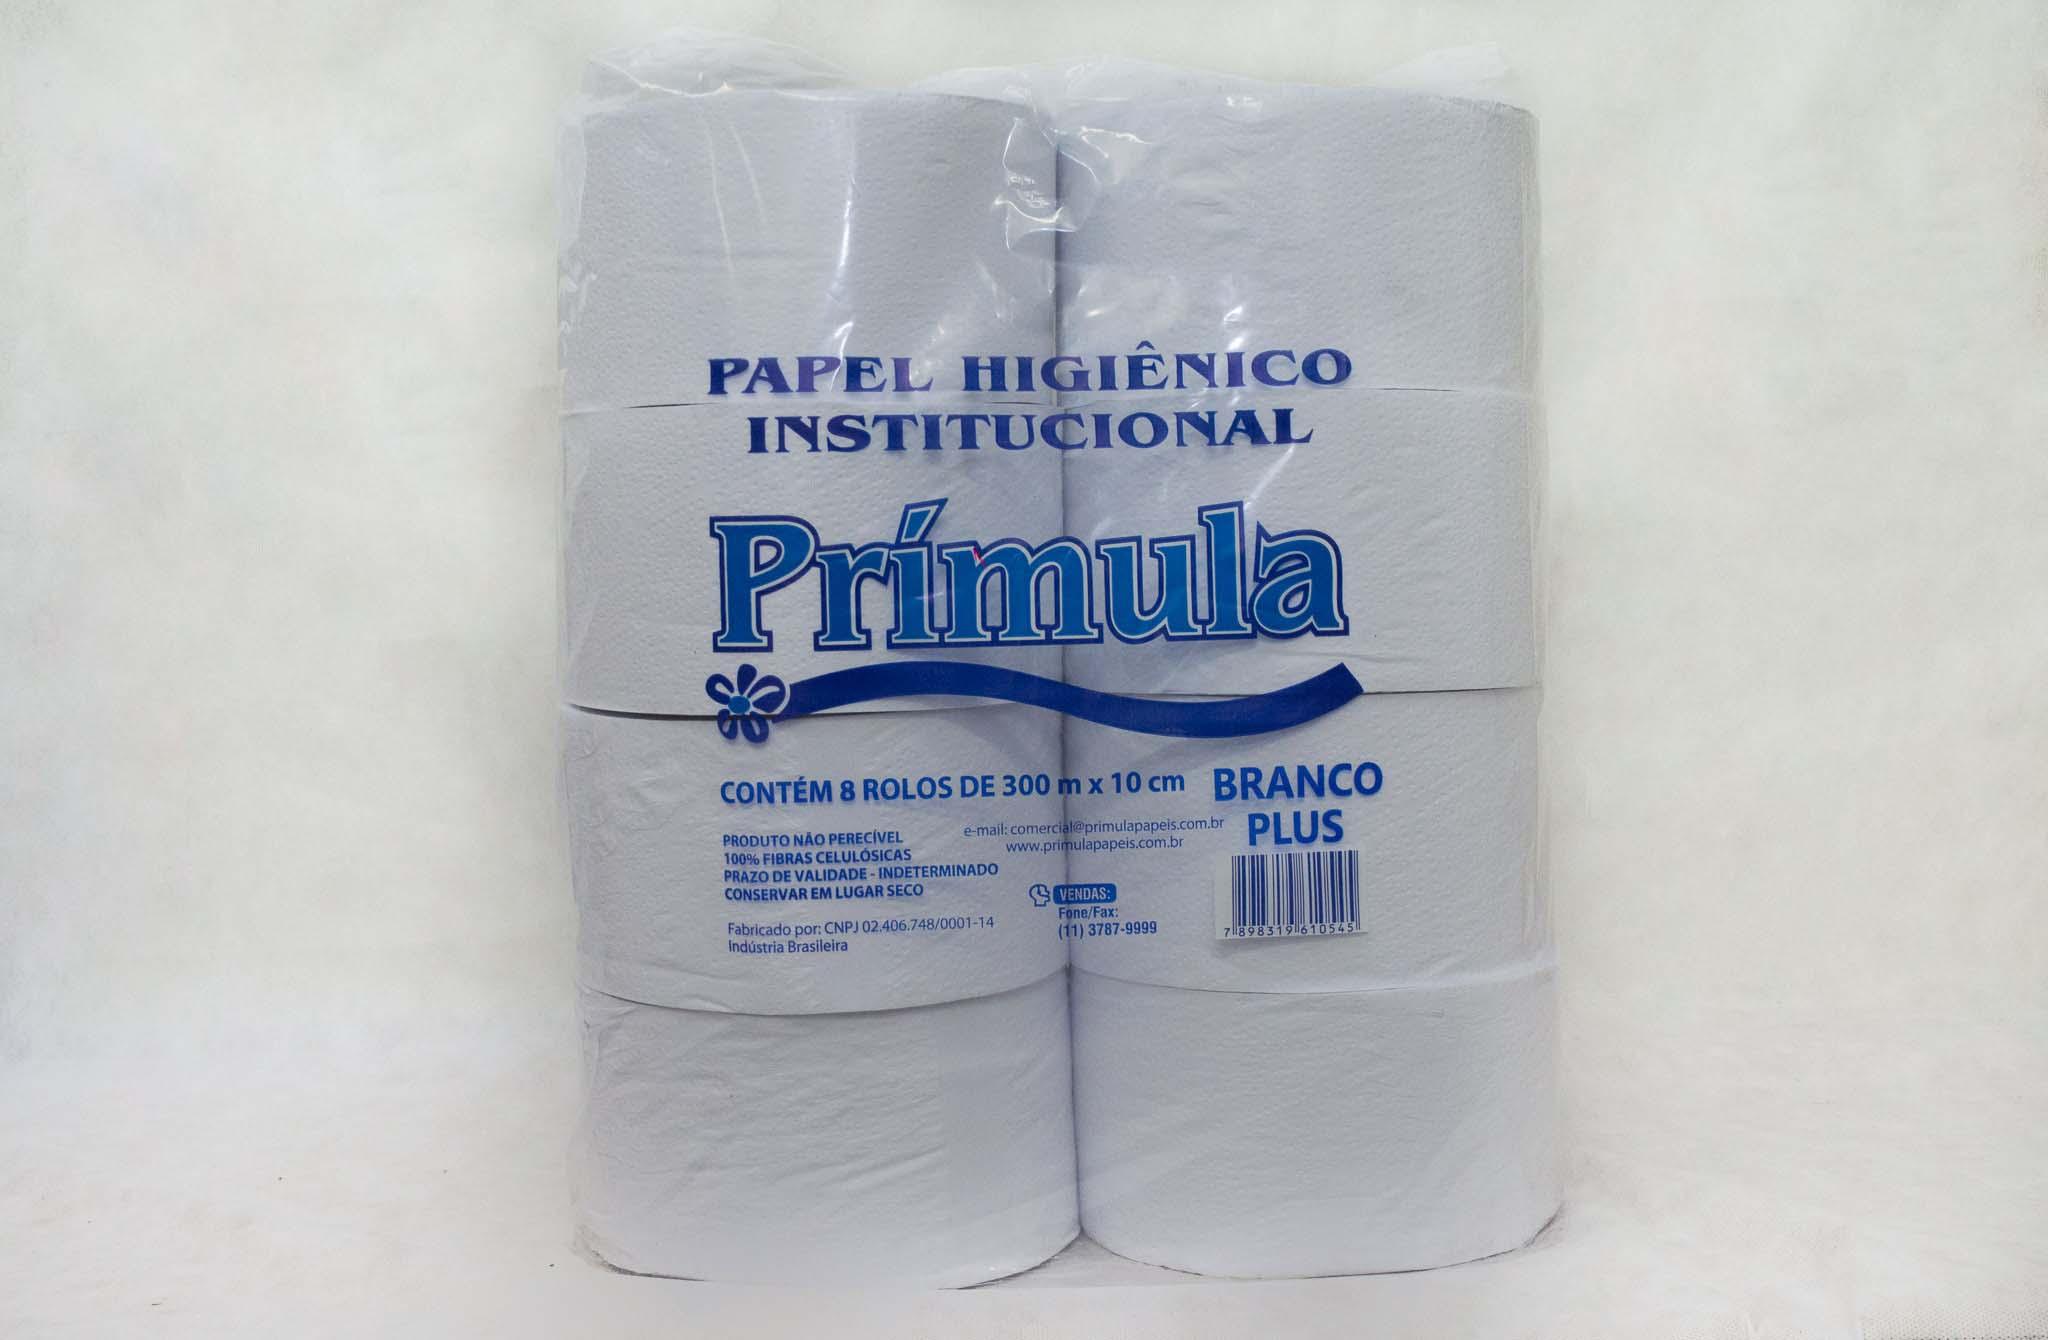 Indústria de papel higiênico sp